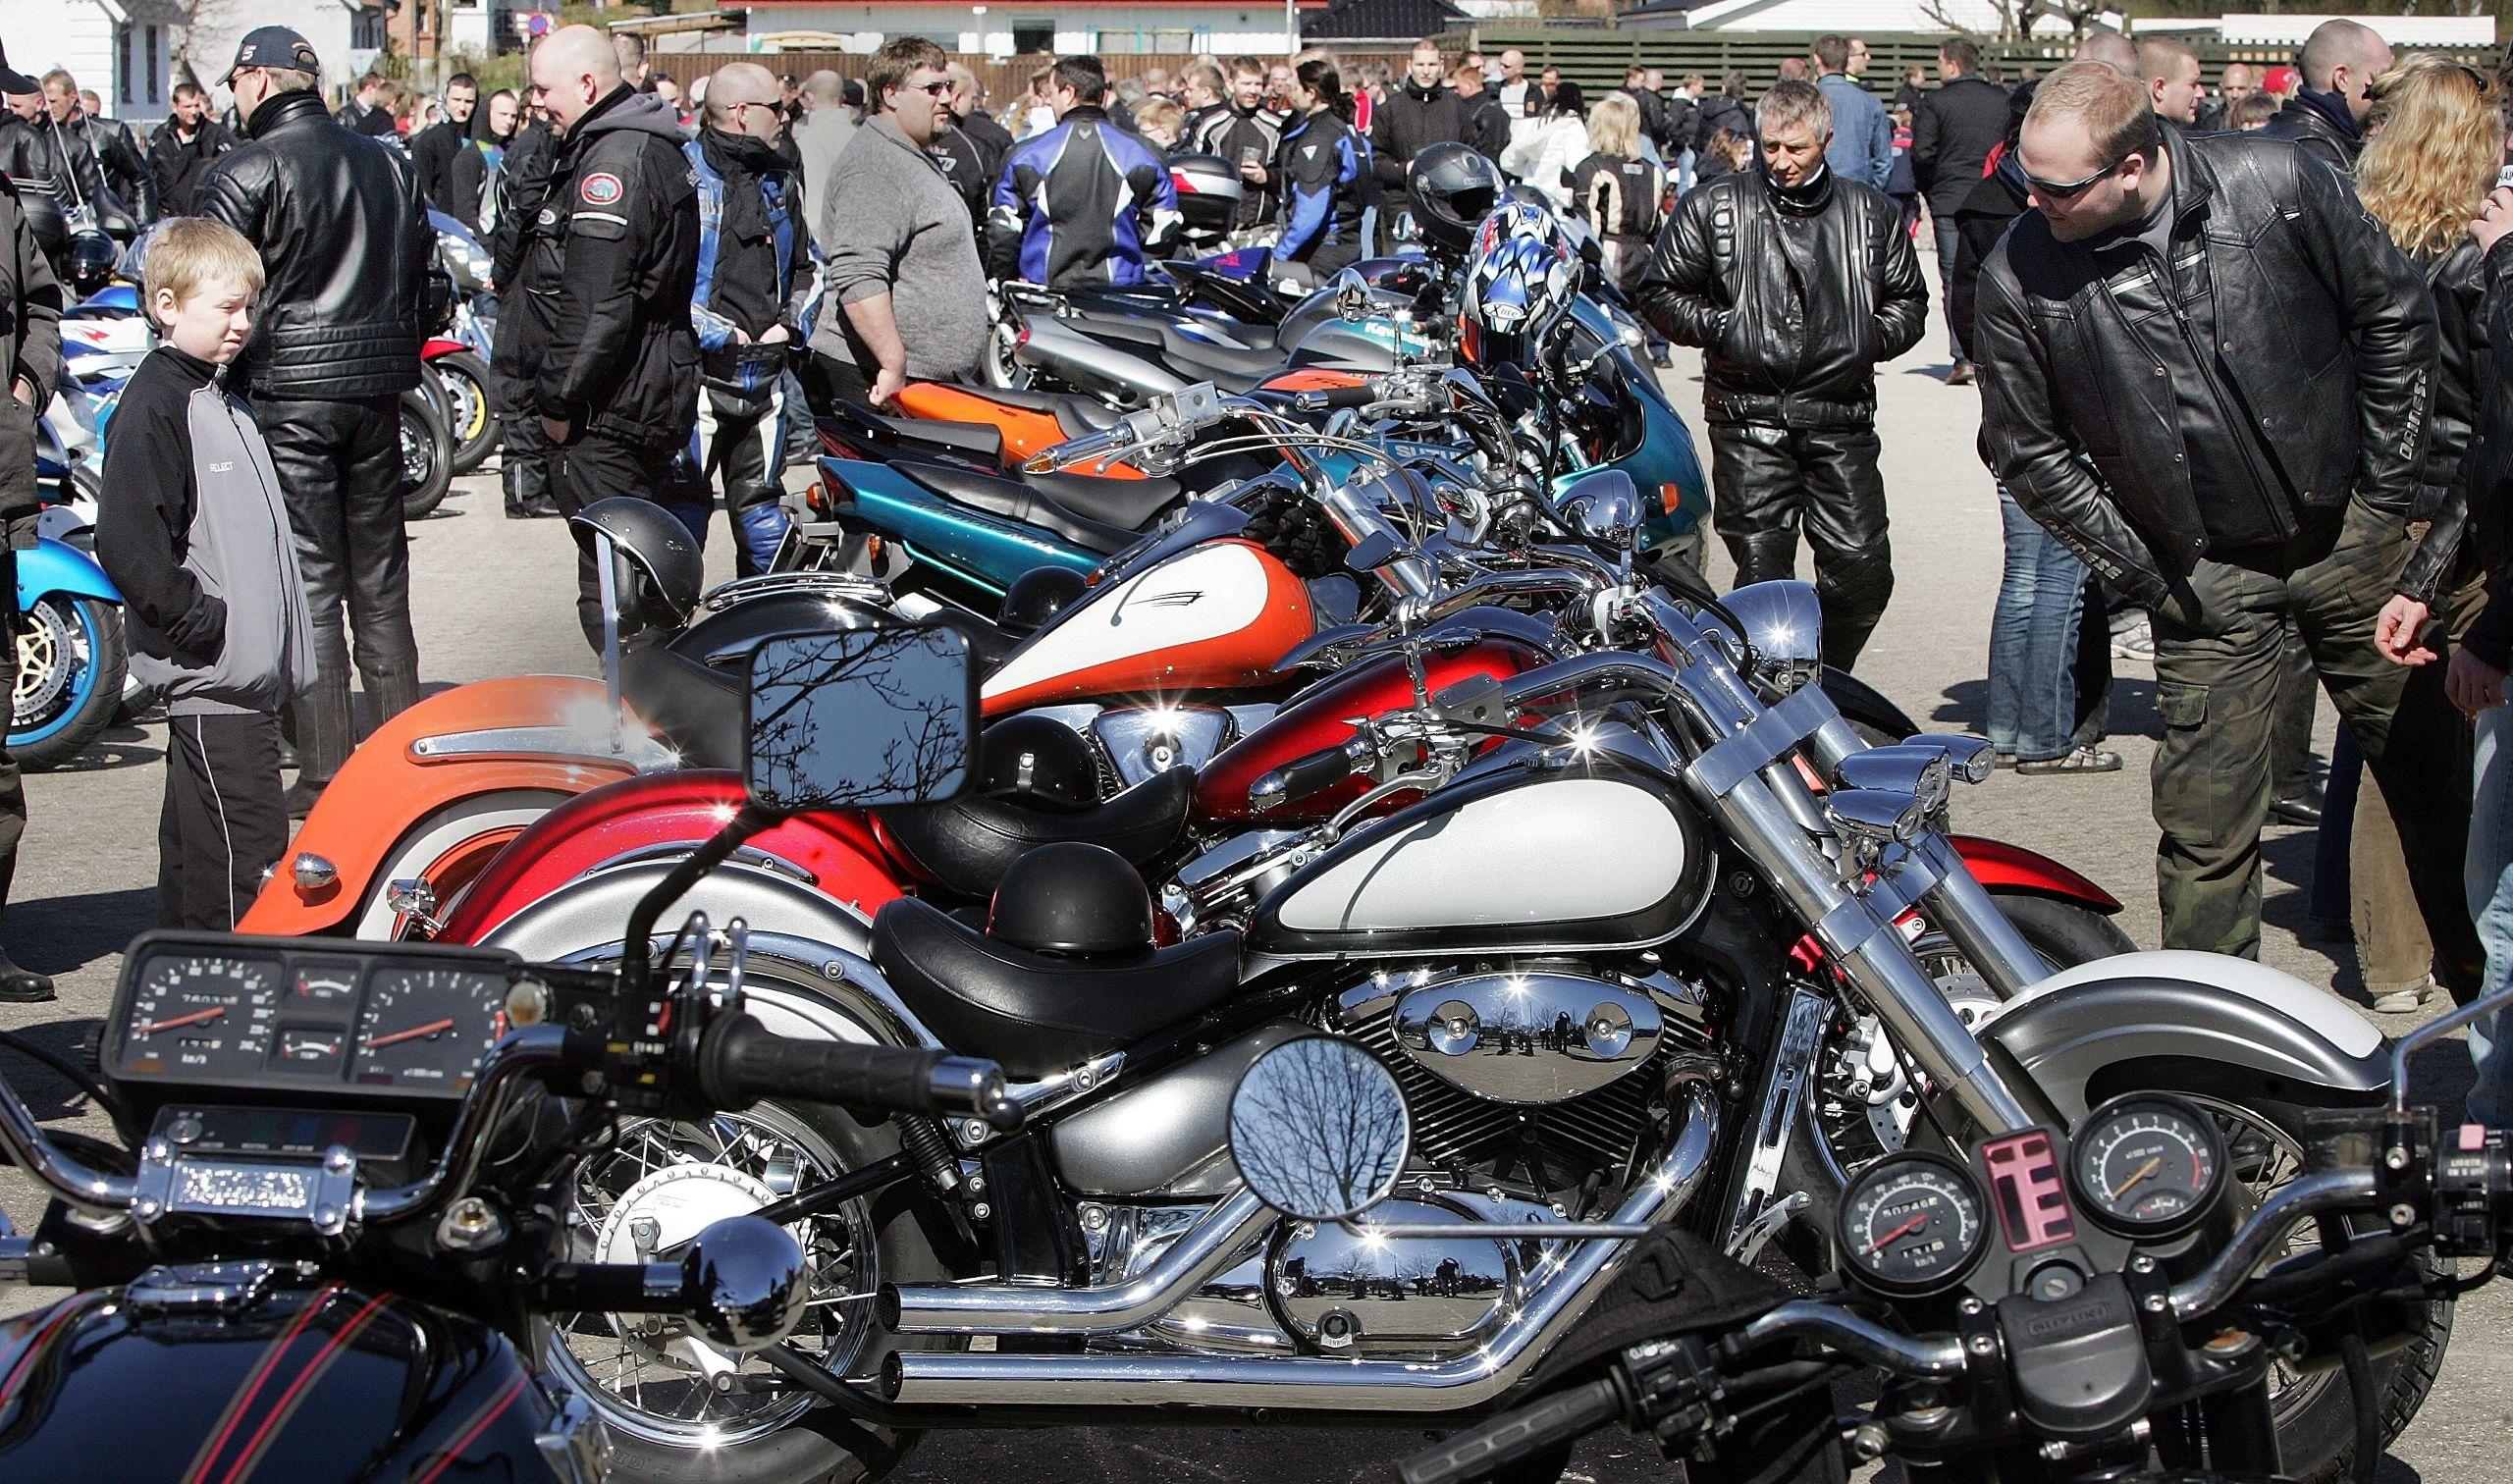 Hang til kubik? Masser af motorcykler på havnen